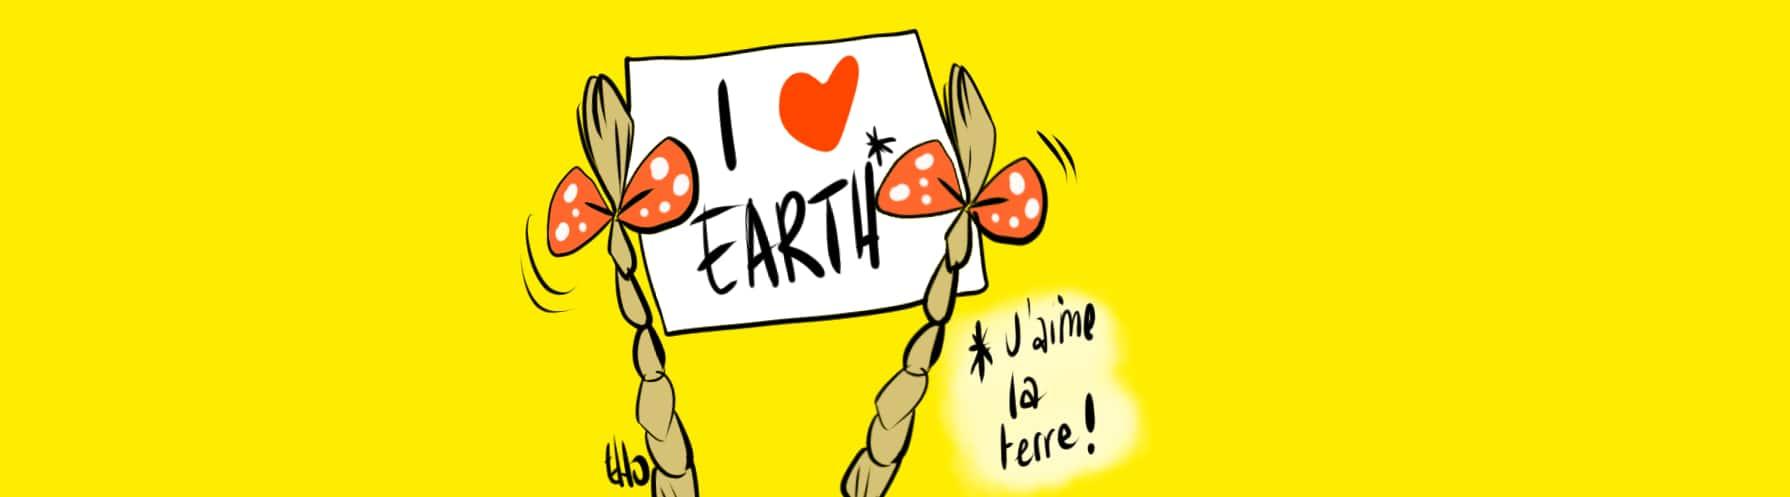 Greta Thunberg lance la révolution écologique, par les élèves de l'école Simon Bolivar A